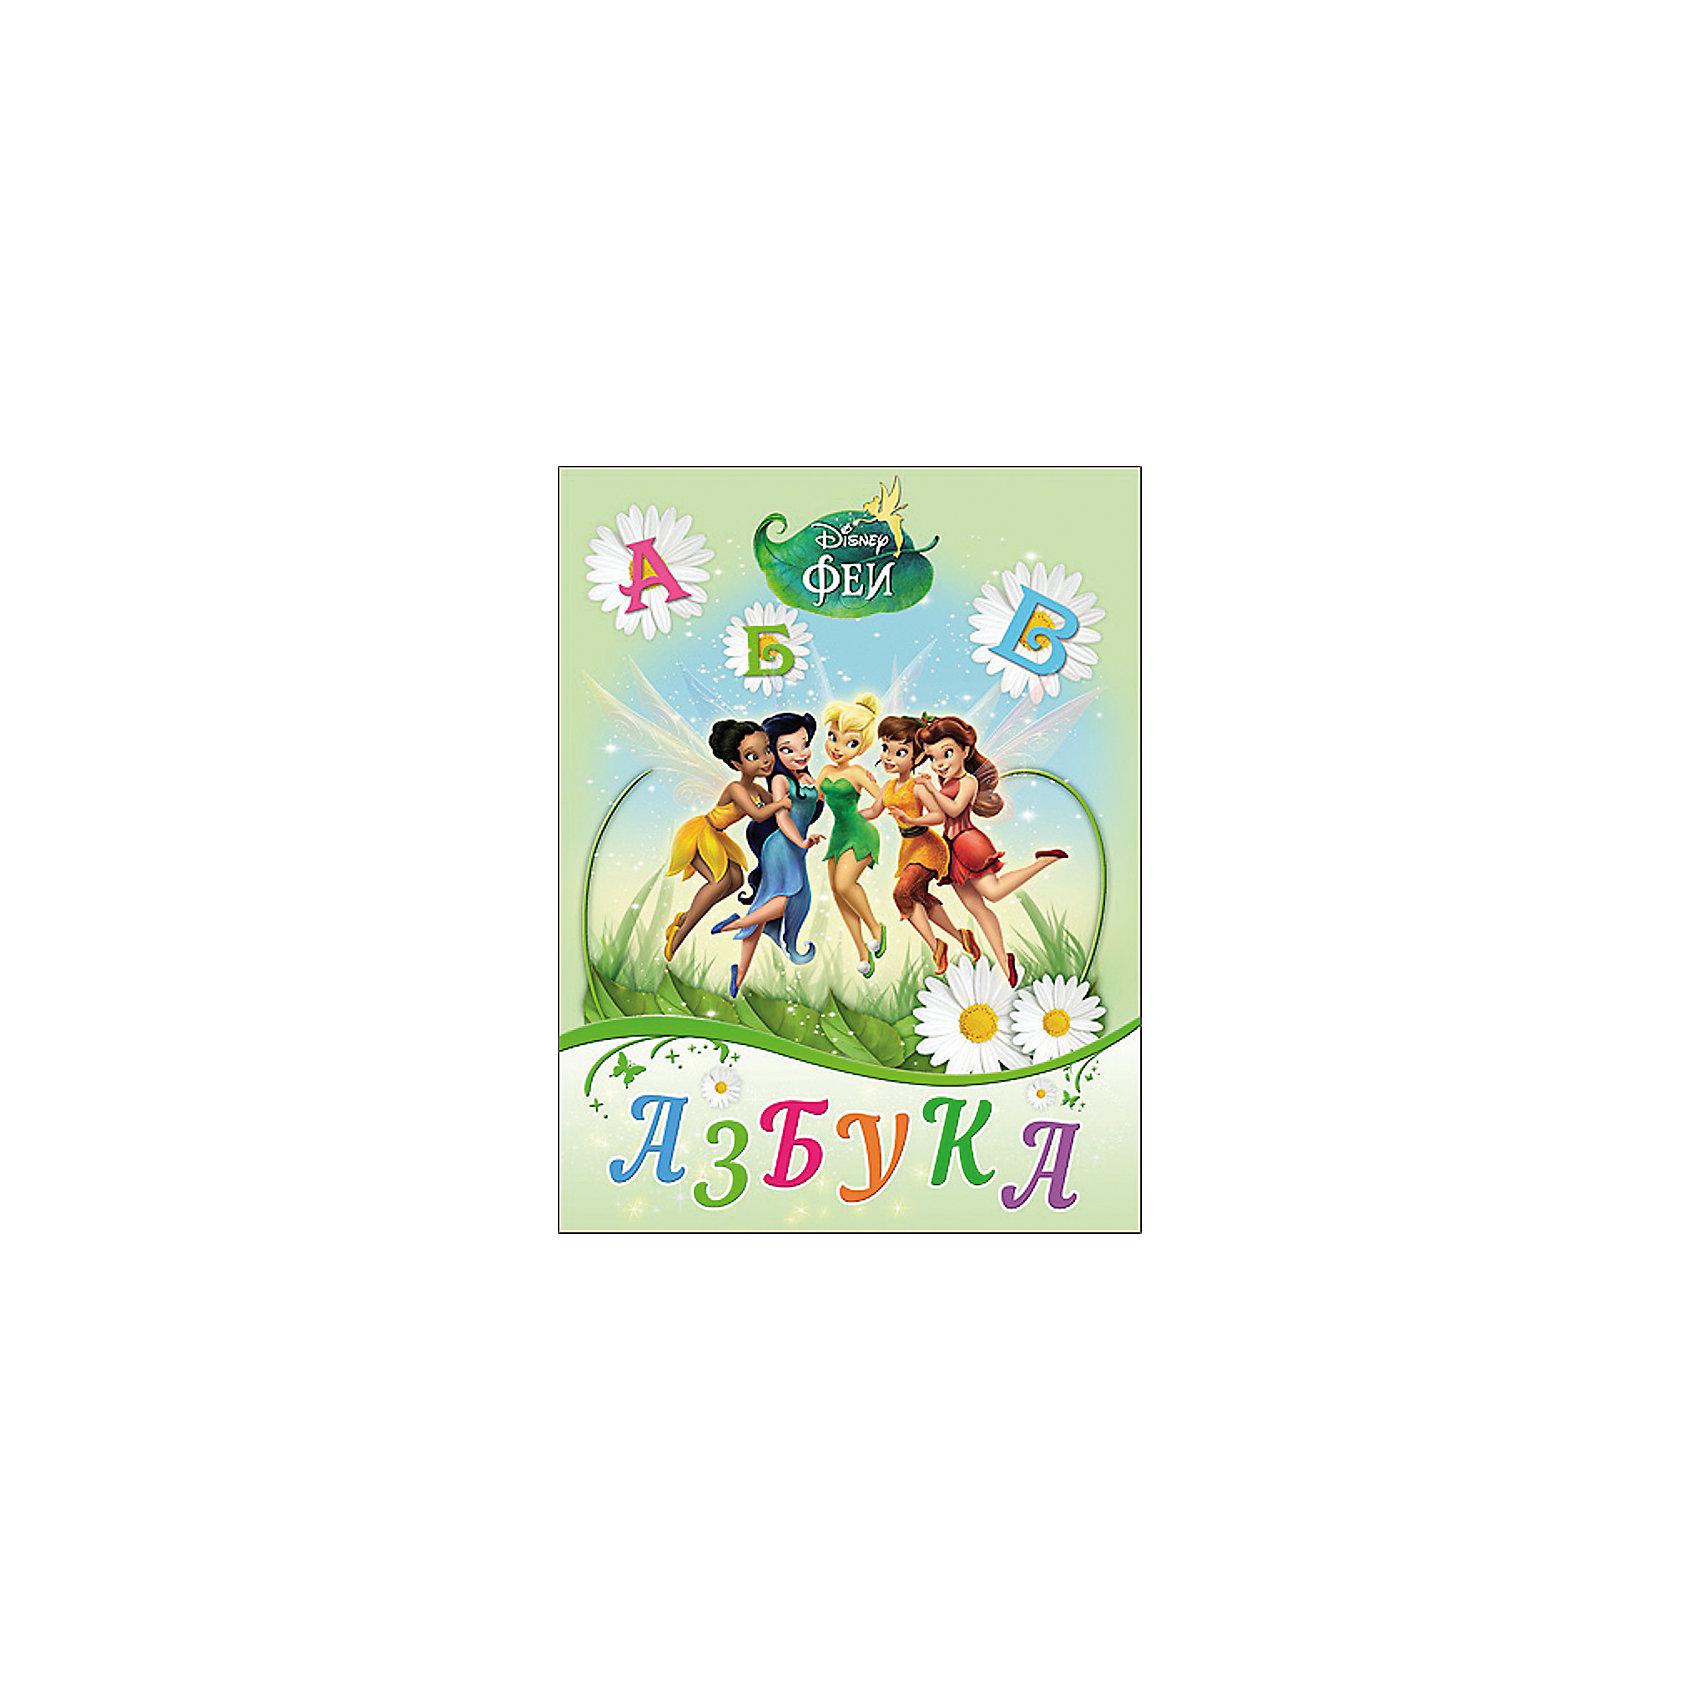 Азбука, Феи ДиснейАзбука, Феи Дисней станет незаменимым помощником в деле изучения алфавита, ведь учить буквы с любимыми героями гораздо веселее и интереснее! В этой азбуке Вашу девочку ждет множество веселых картинок с волшебными феями Дисней, а также увлекательные задания, которые помогут ей запомнить буквы русского алфавита. <br><br>Дополнительная информация:<br>-Серия: Феи Диснея<br>-Переплет: картон/цельнокрытый<br>-Количество страниц: 10<br>-Формат: 70x90/16 (160х220 мм)<br>-Вес: 144 г<br>-Материалы: картон, бумага<br>-Иллюстрации: цветные<br><br>Азбука, Феи Дисней можно купить в нашем магазине.<br><br>Ширина мм: 160<br>Глубина мм: 10<br>Высота мм: 220<br>Вес г: 144<br>Возраст от месяцев: 36<br>Возраст до месяцев: 60<br>Пол: Женский<br>Возраст: Детский<br>SKU: 4275892